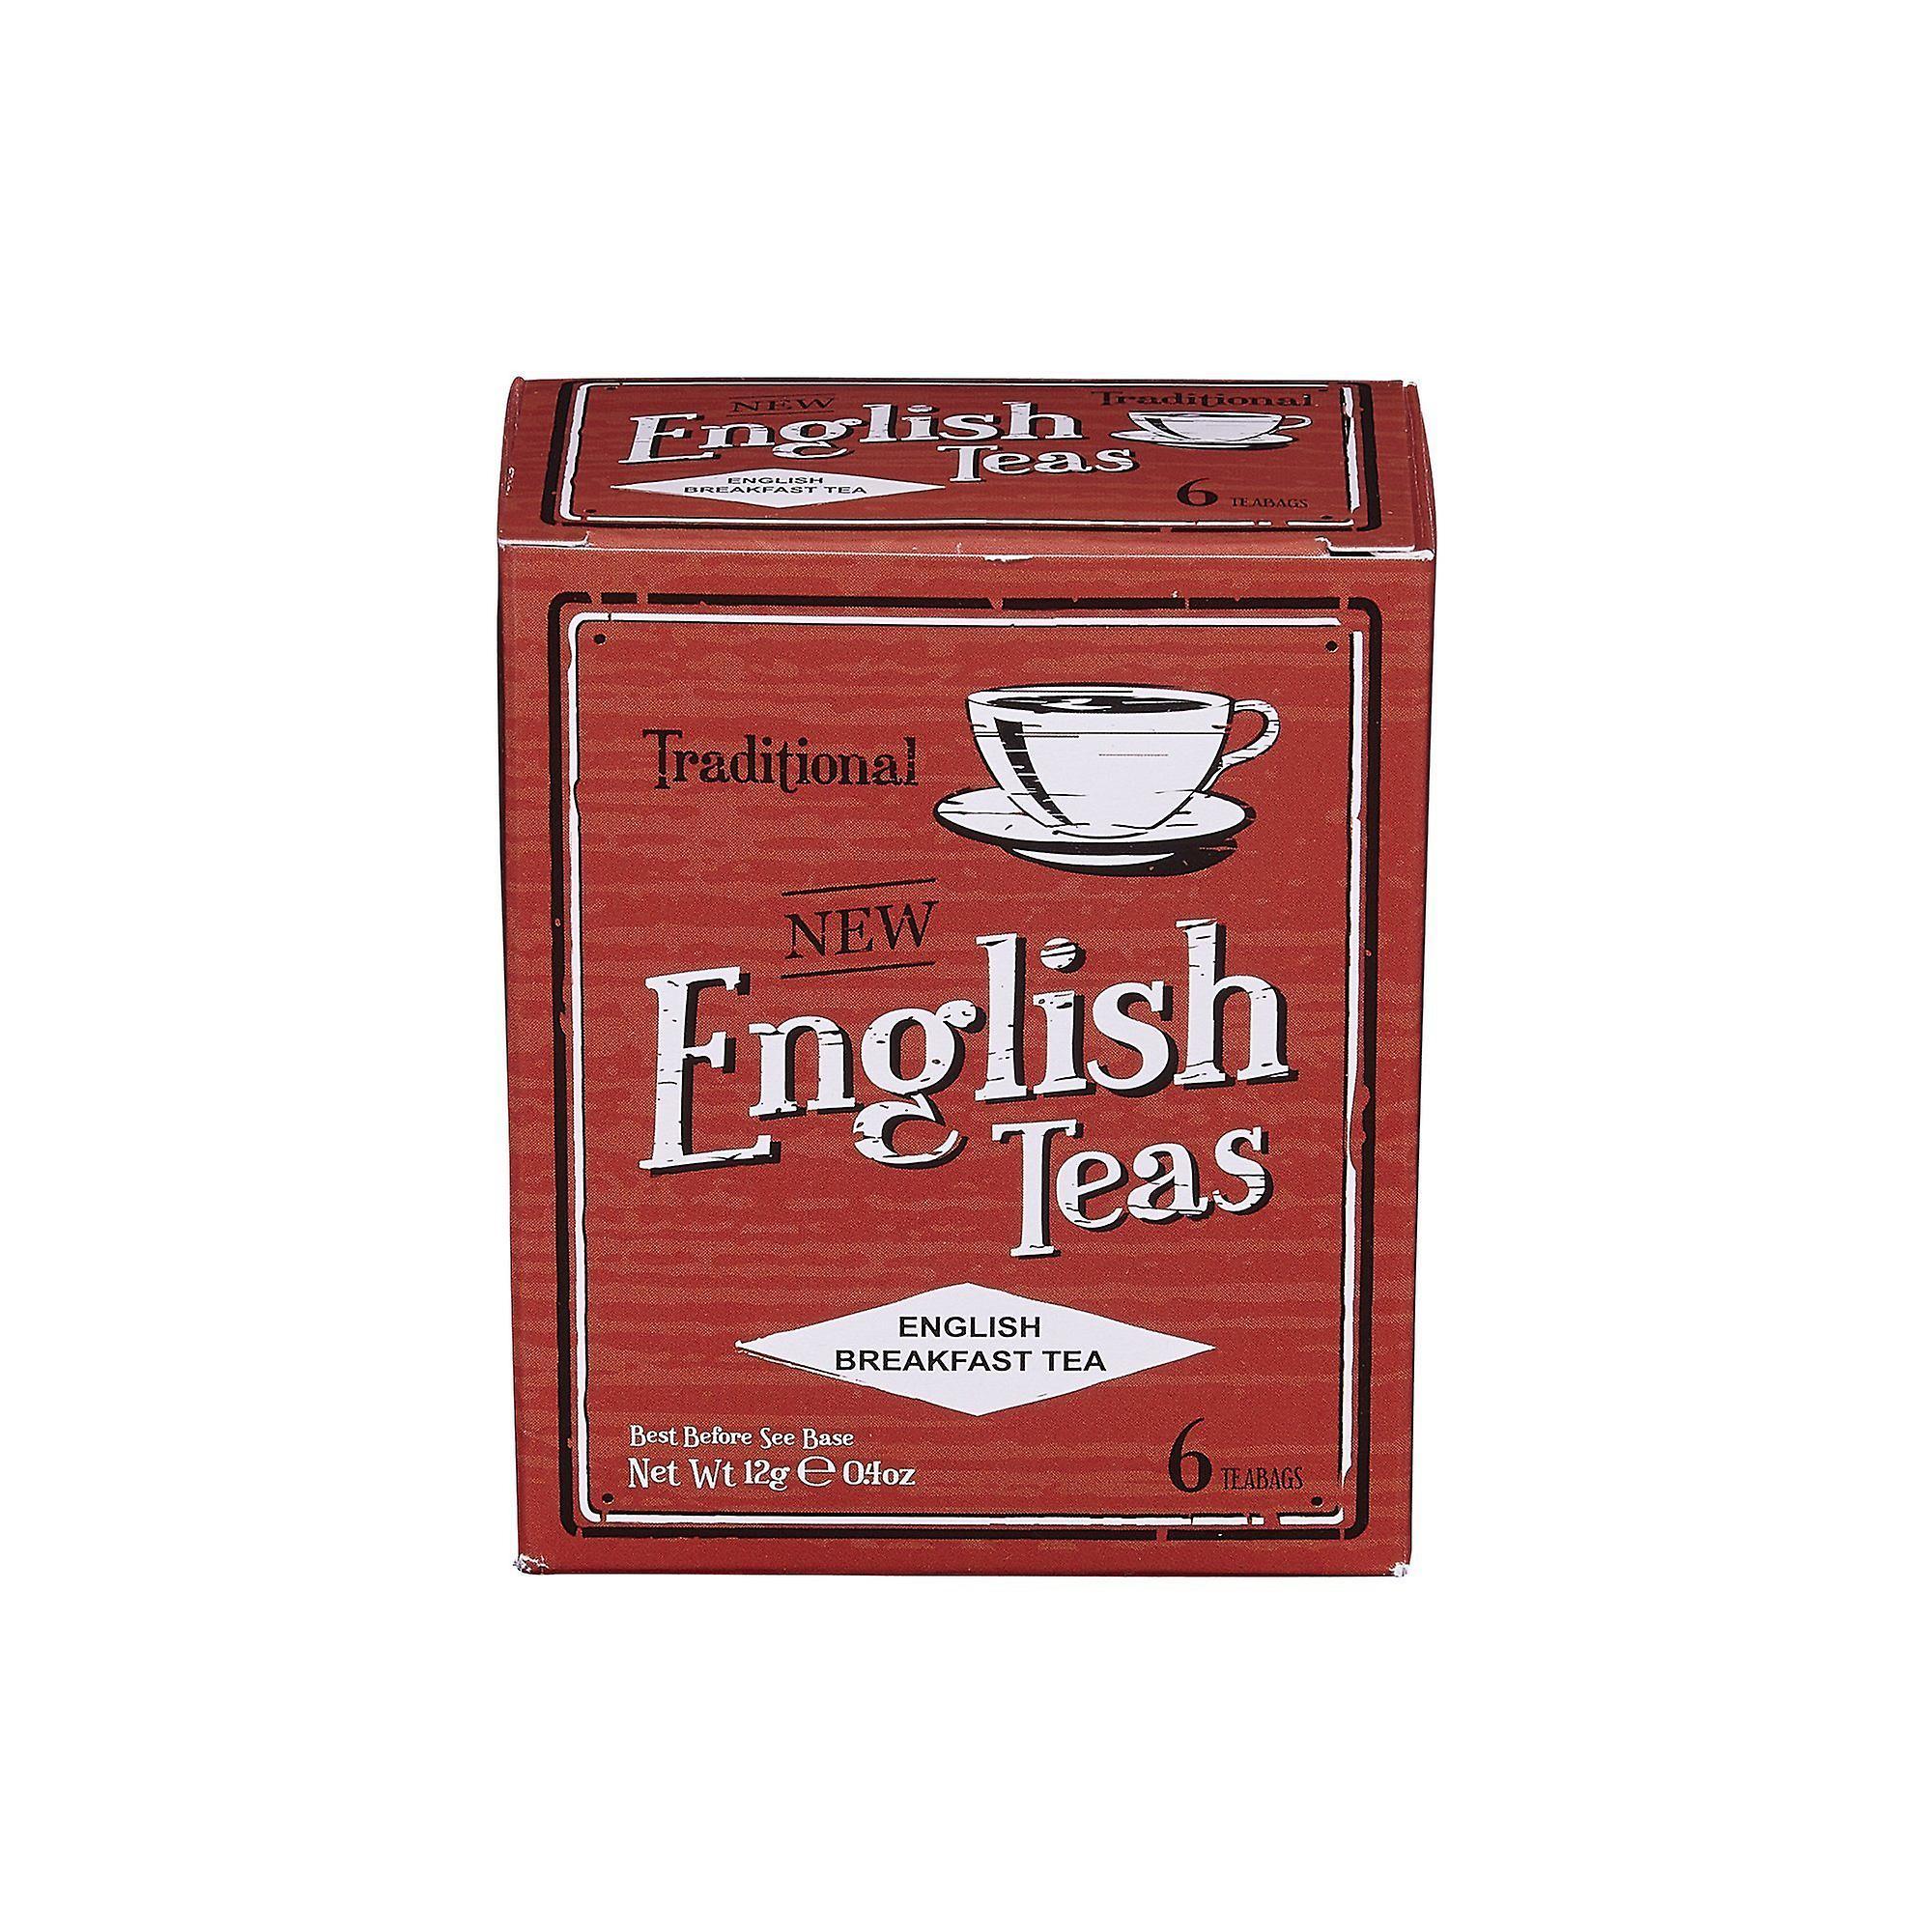 Vintage english breakfast tea 6 teabag carton